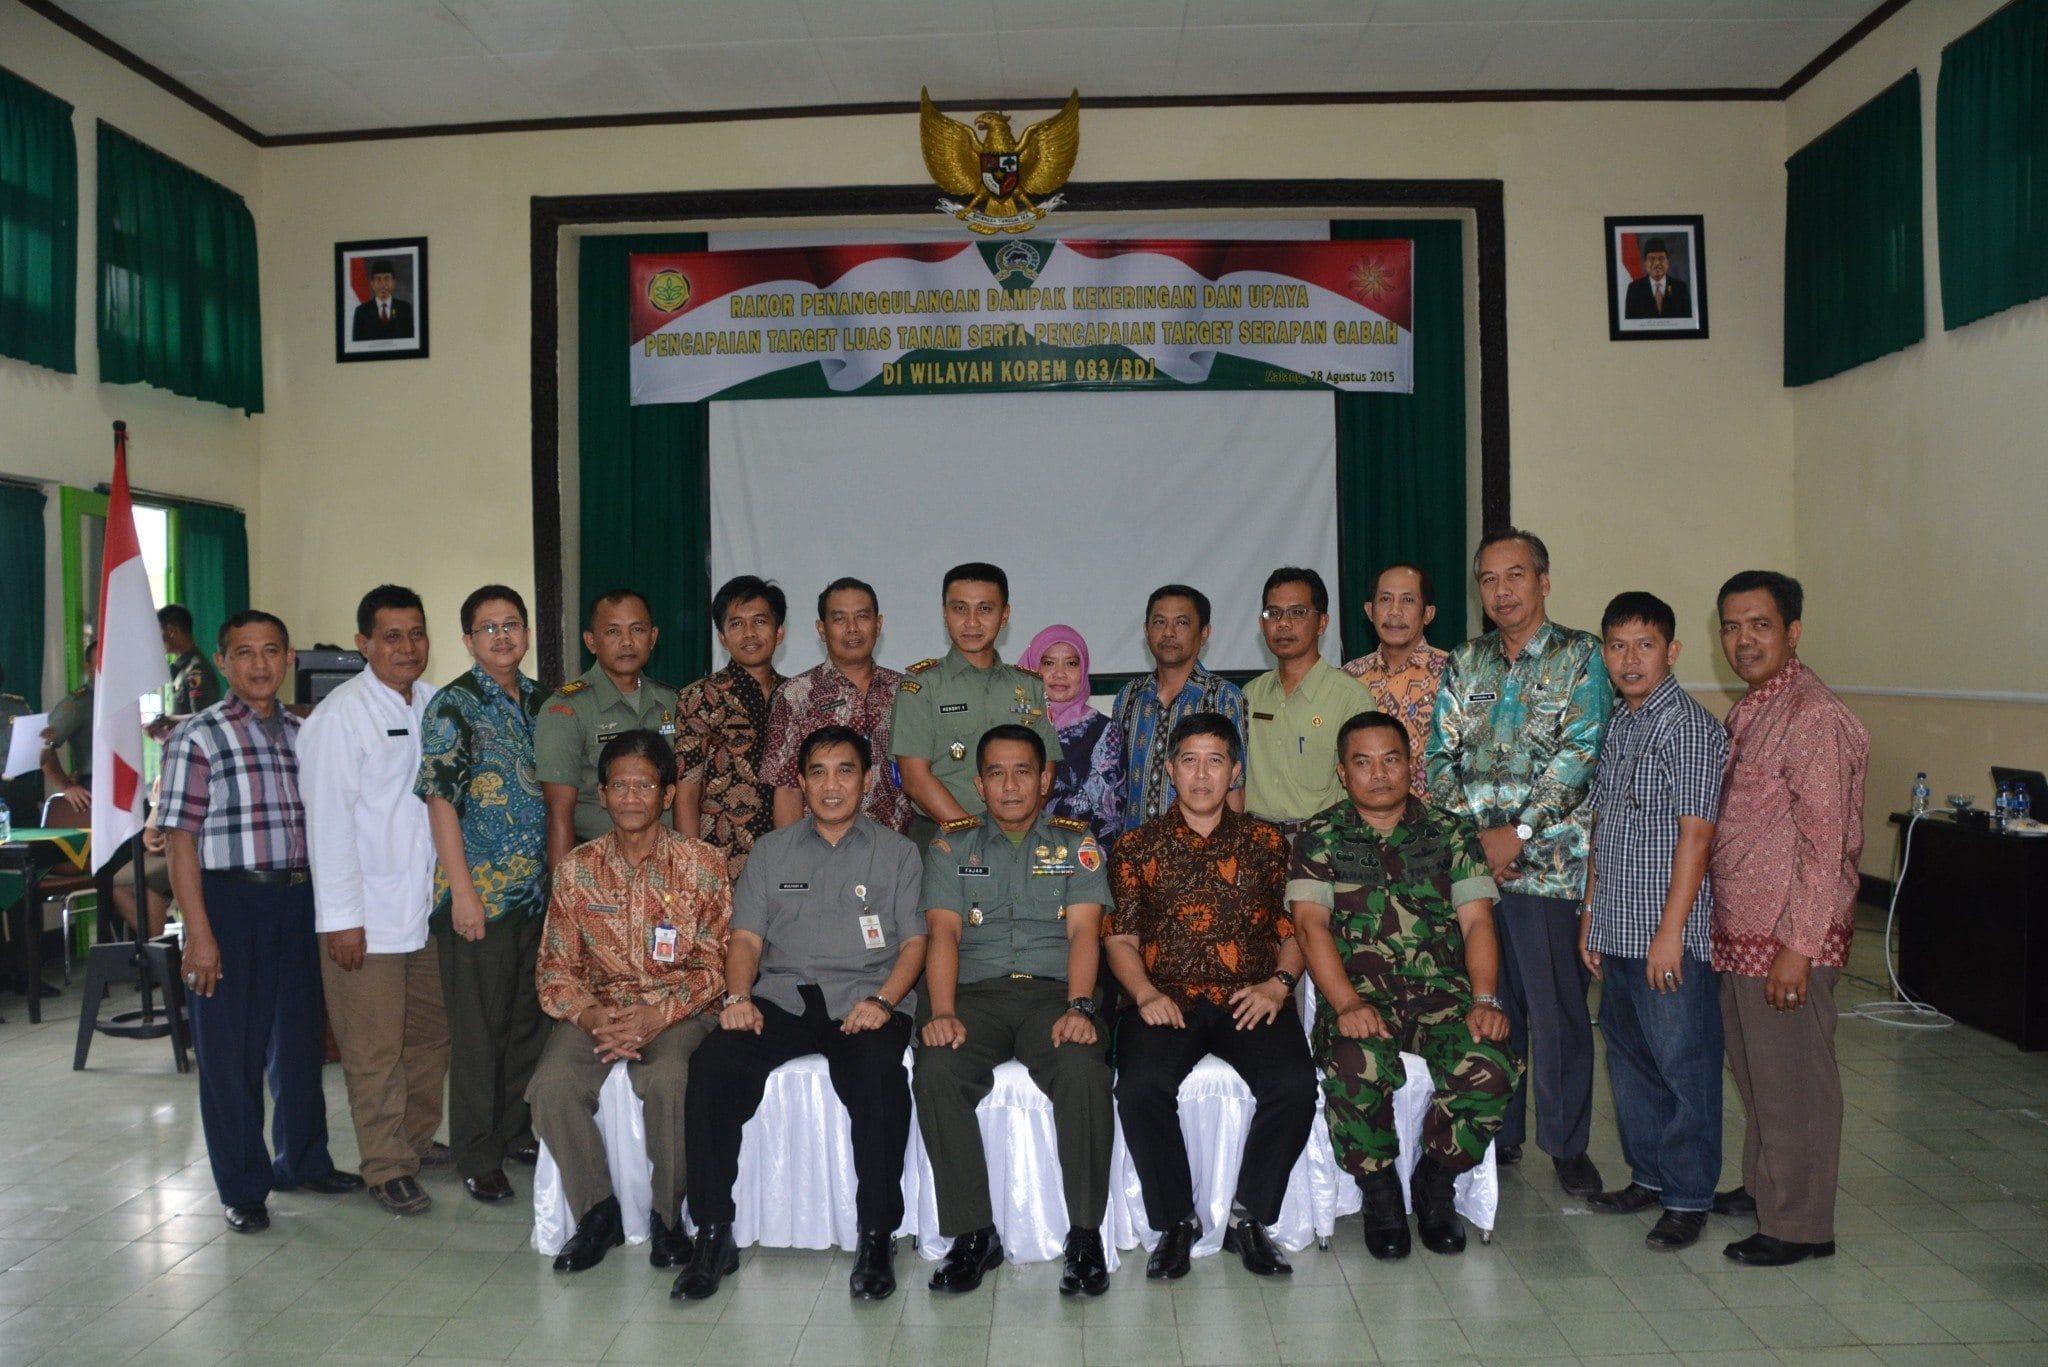 Danrem 083/Bdj Pimpin Rakor Penanggulangan Dampak Kekeringan Serta Pencapaian Target Serapan Gabah